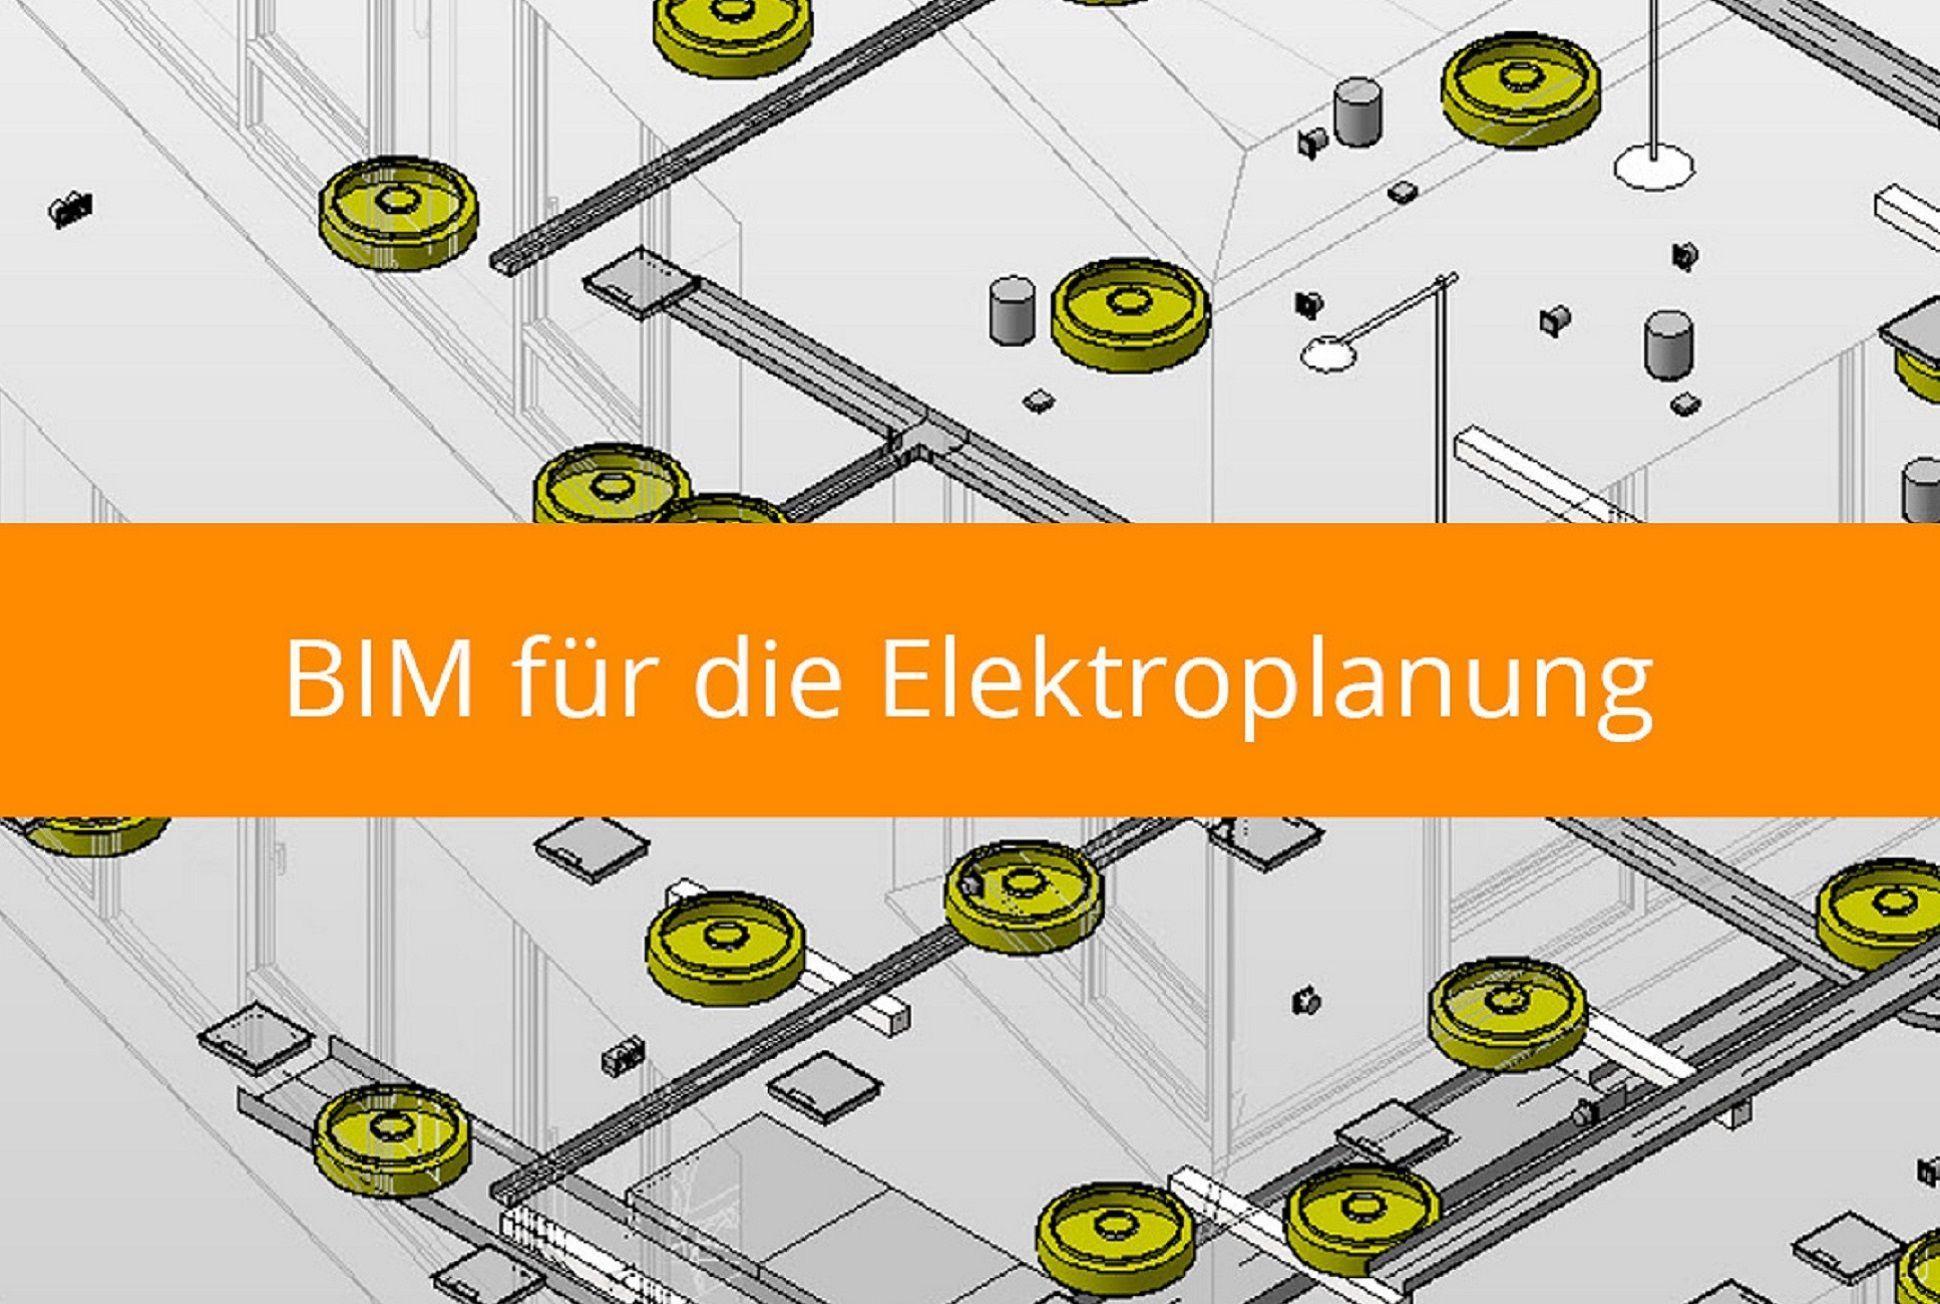 BIM und Elektroplanung – wir zeigen, wie es geht